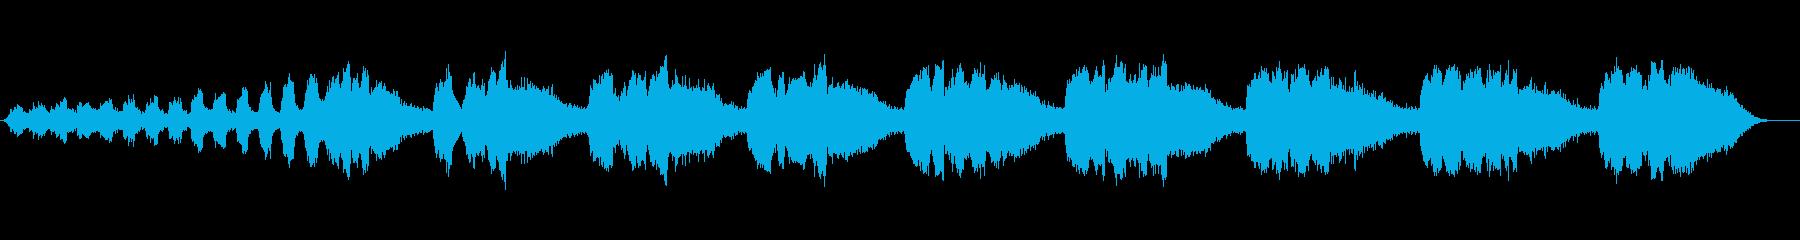 ミンミセミの声鳴き始めから 一匹 近いの再生済みの波形